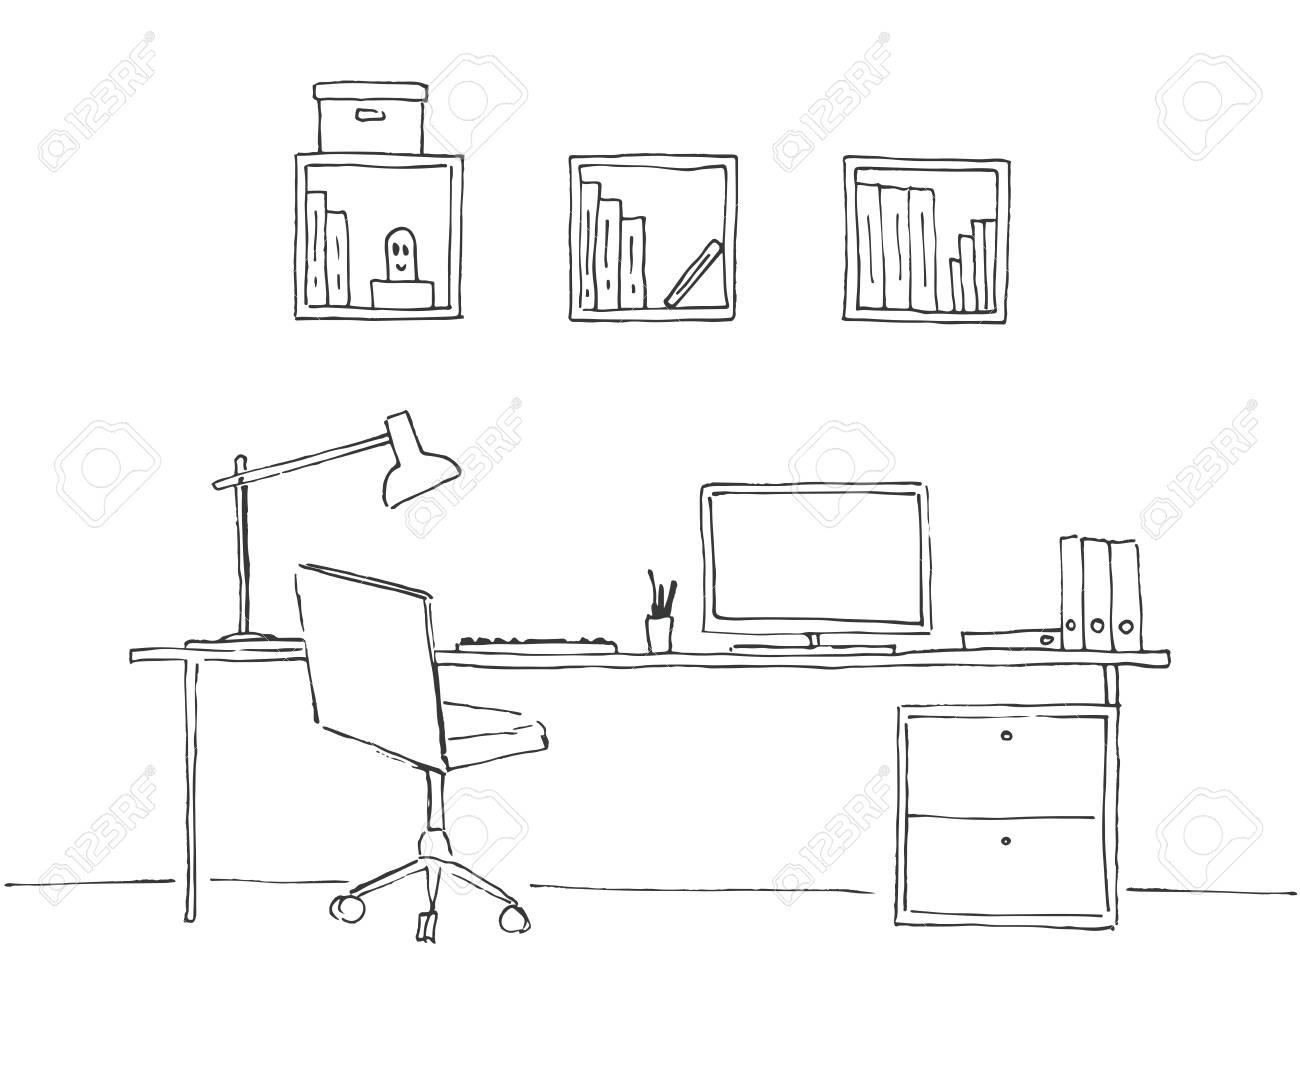 Dibuja La Habitación Silla De Oficina Escritorio Varios Objetos